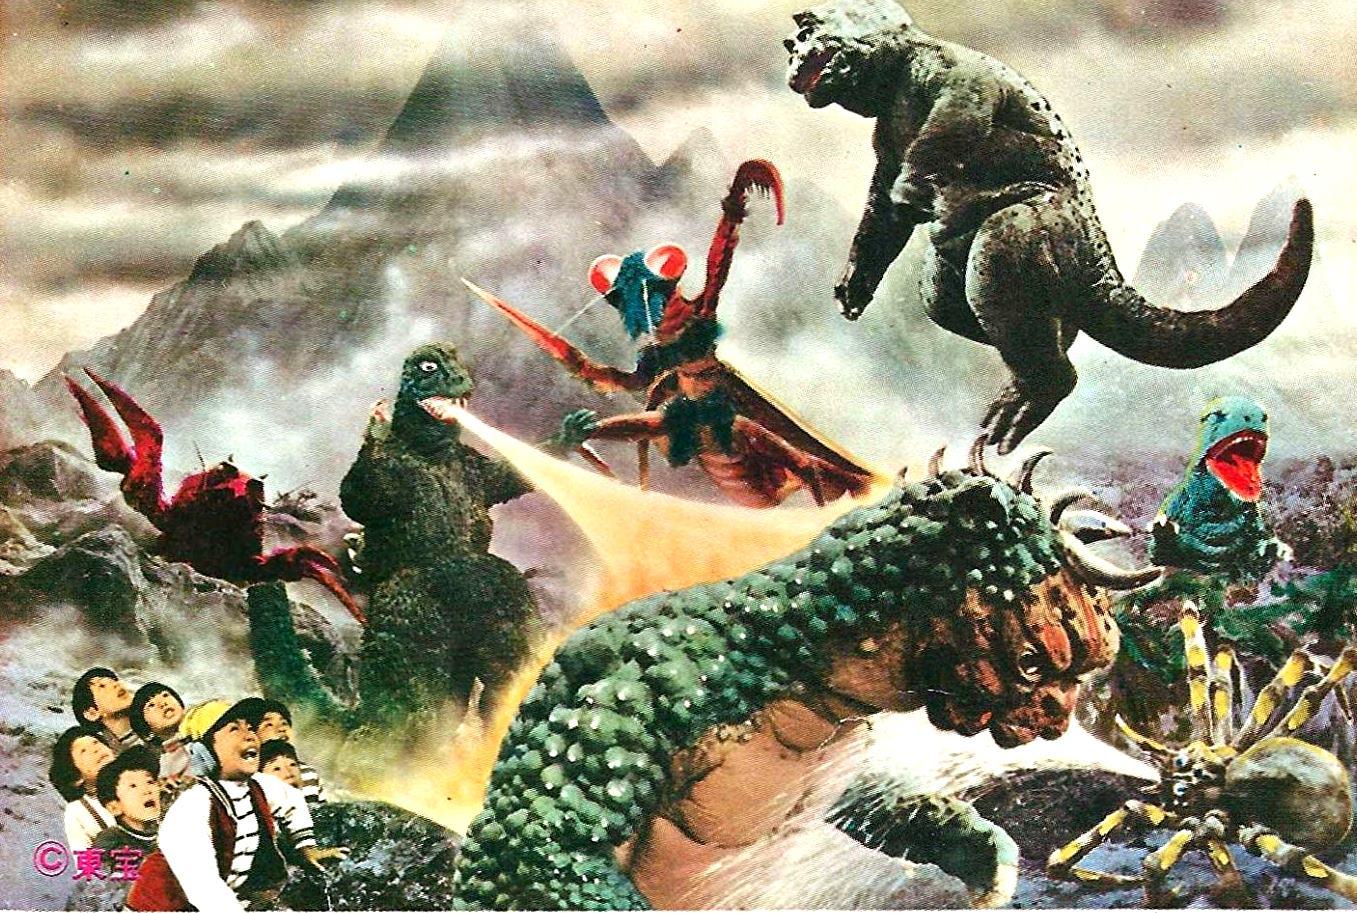 Monster line-up - Ebirah, Godzilla, Kamacurus, Minya, Ganara, Manda and Kumonga in Godzilla's Revenge (1969)